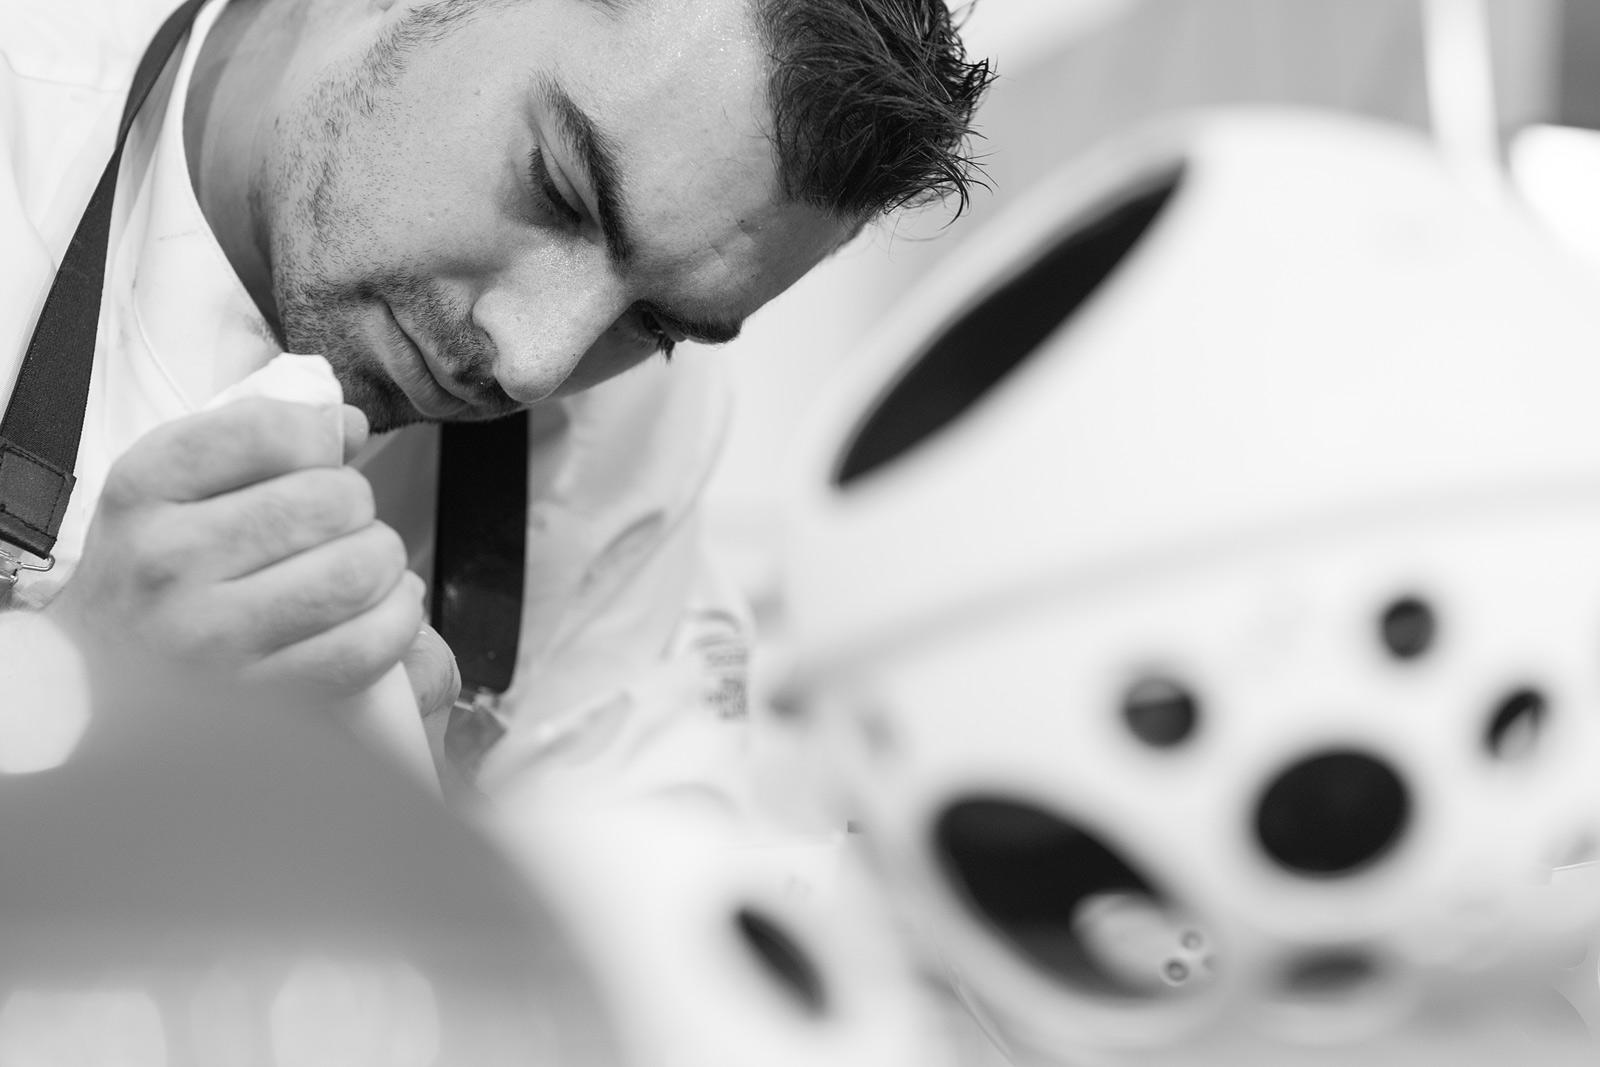 Iván Pascual ganador del WCM Spain 2017 trabajando en su pieza